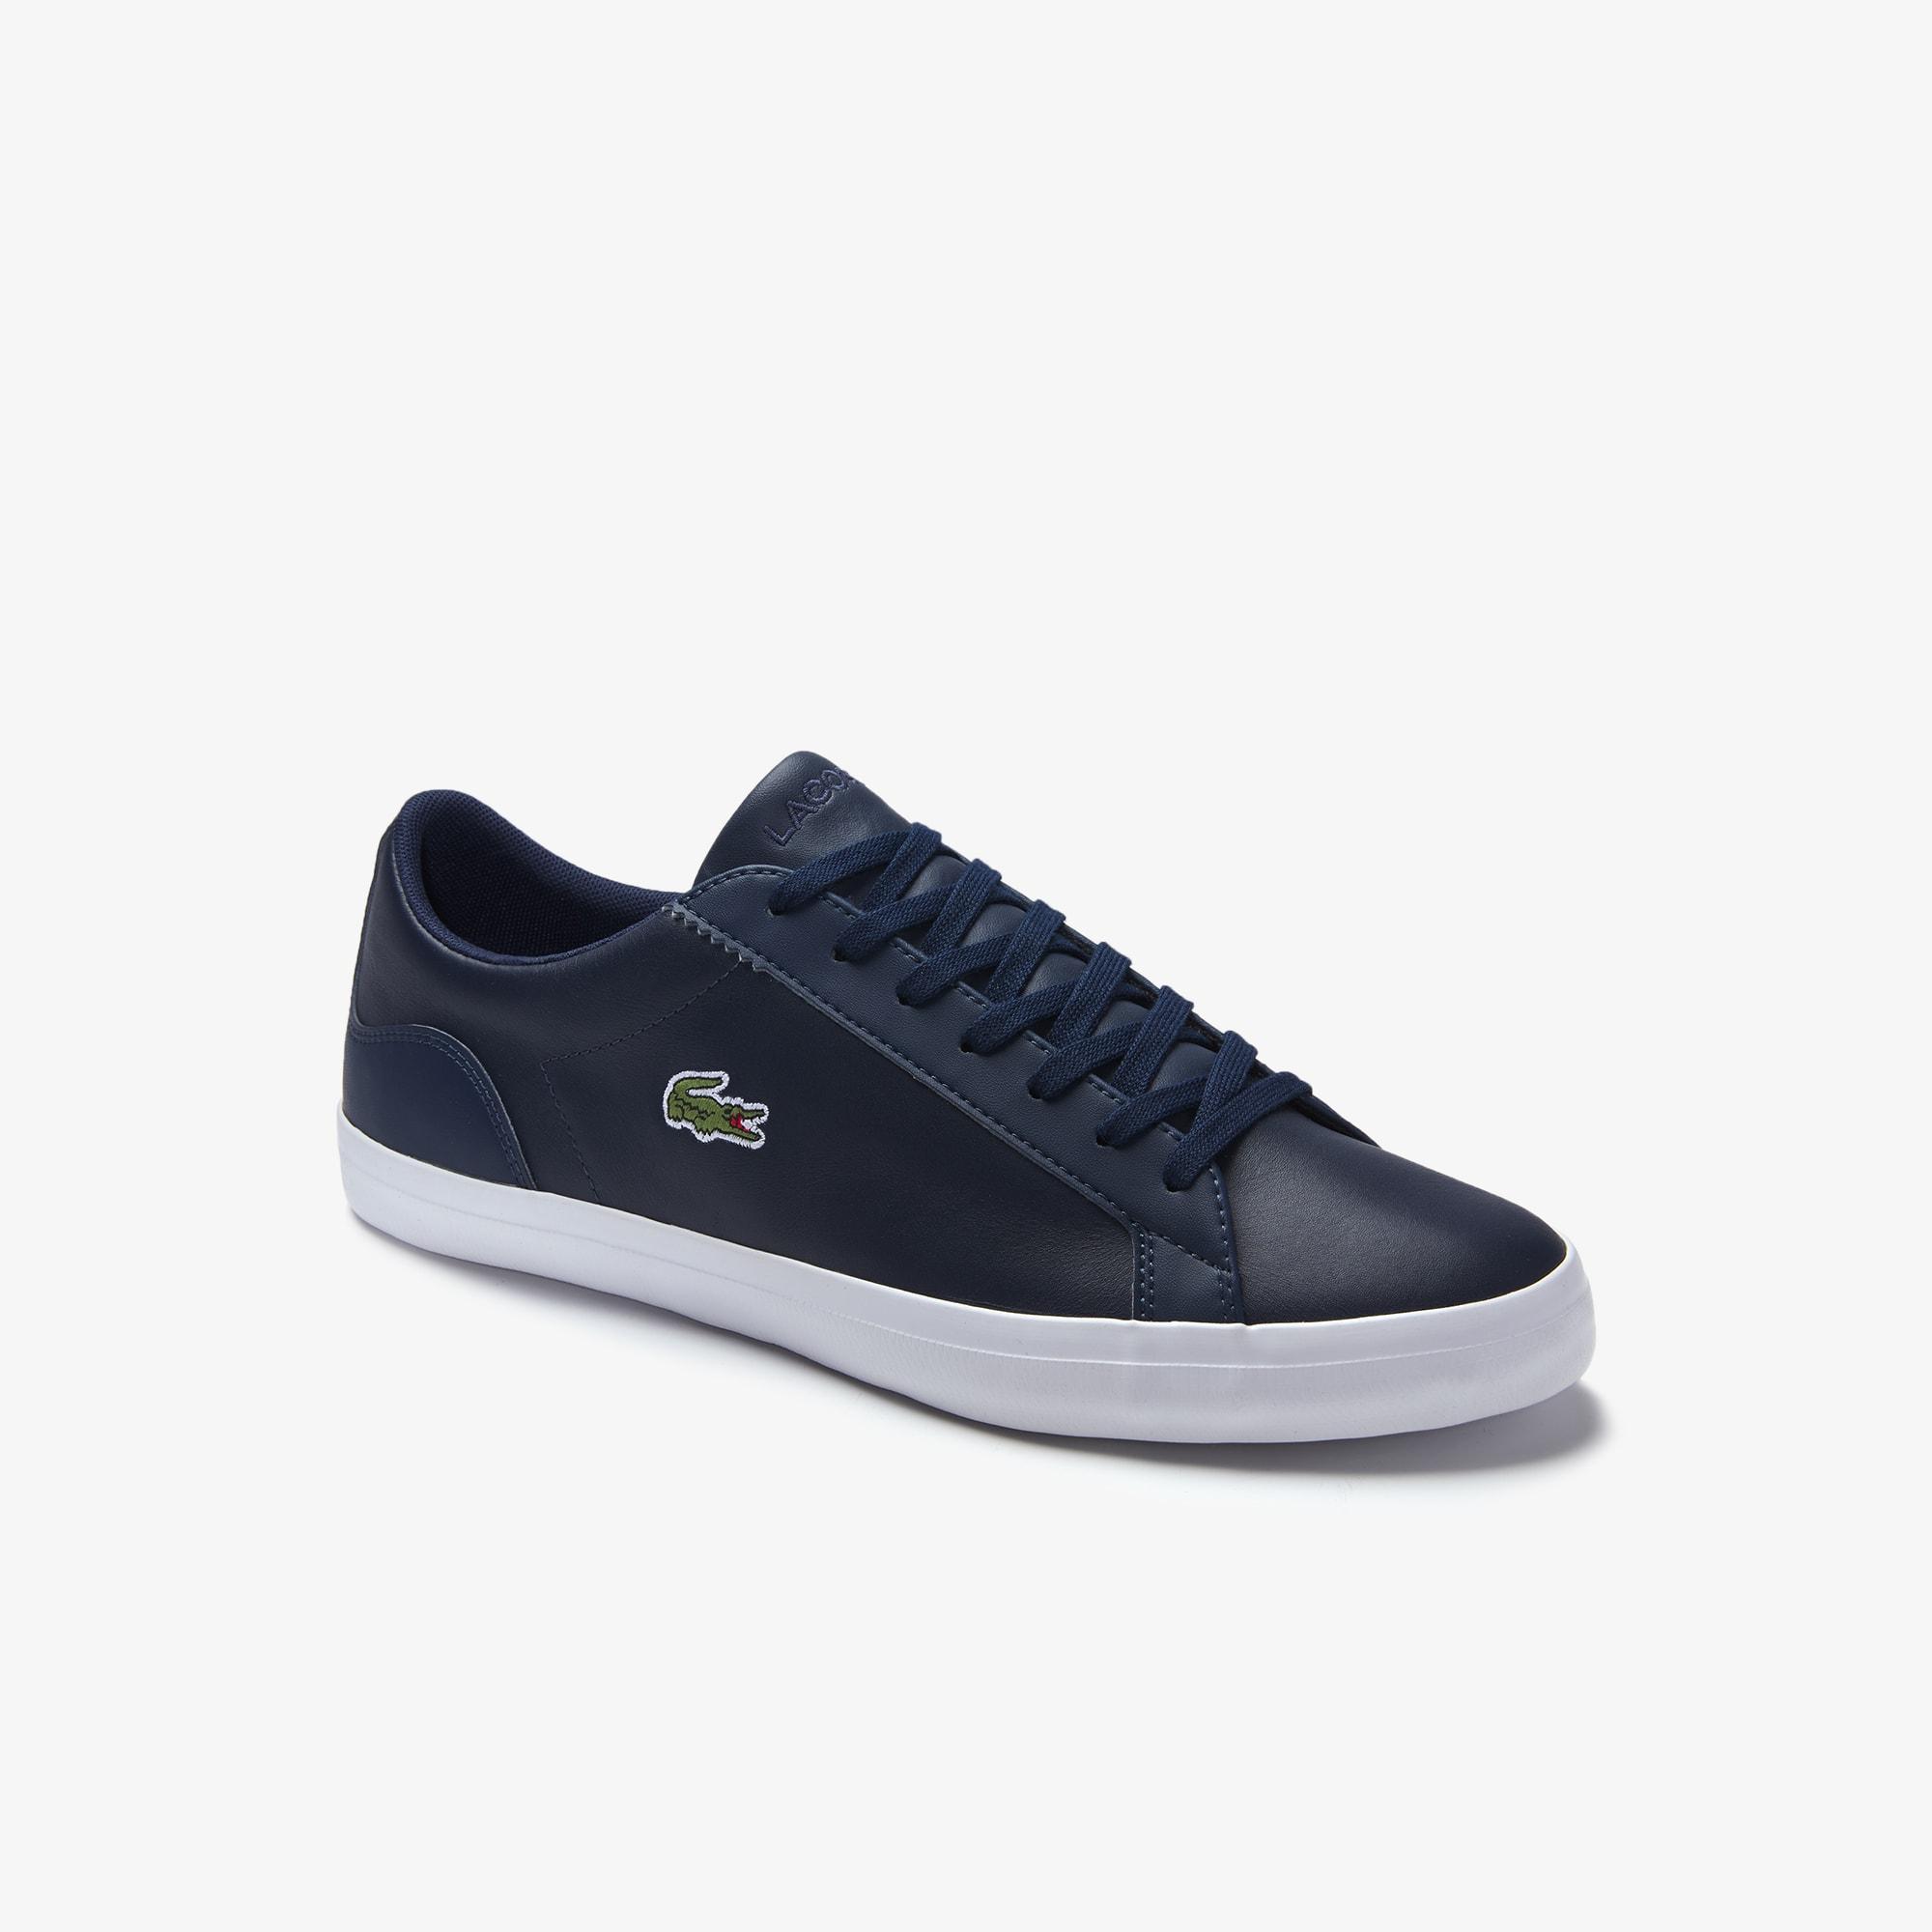 451fbbbef2d Men's Shoes | Shoes for Men | LACOSTE